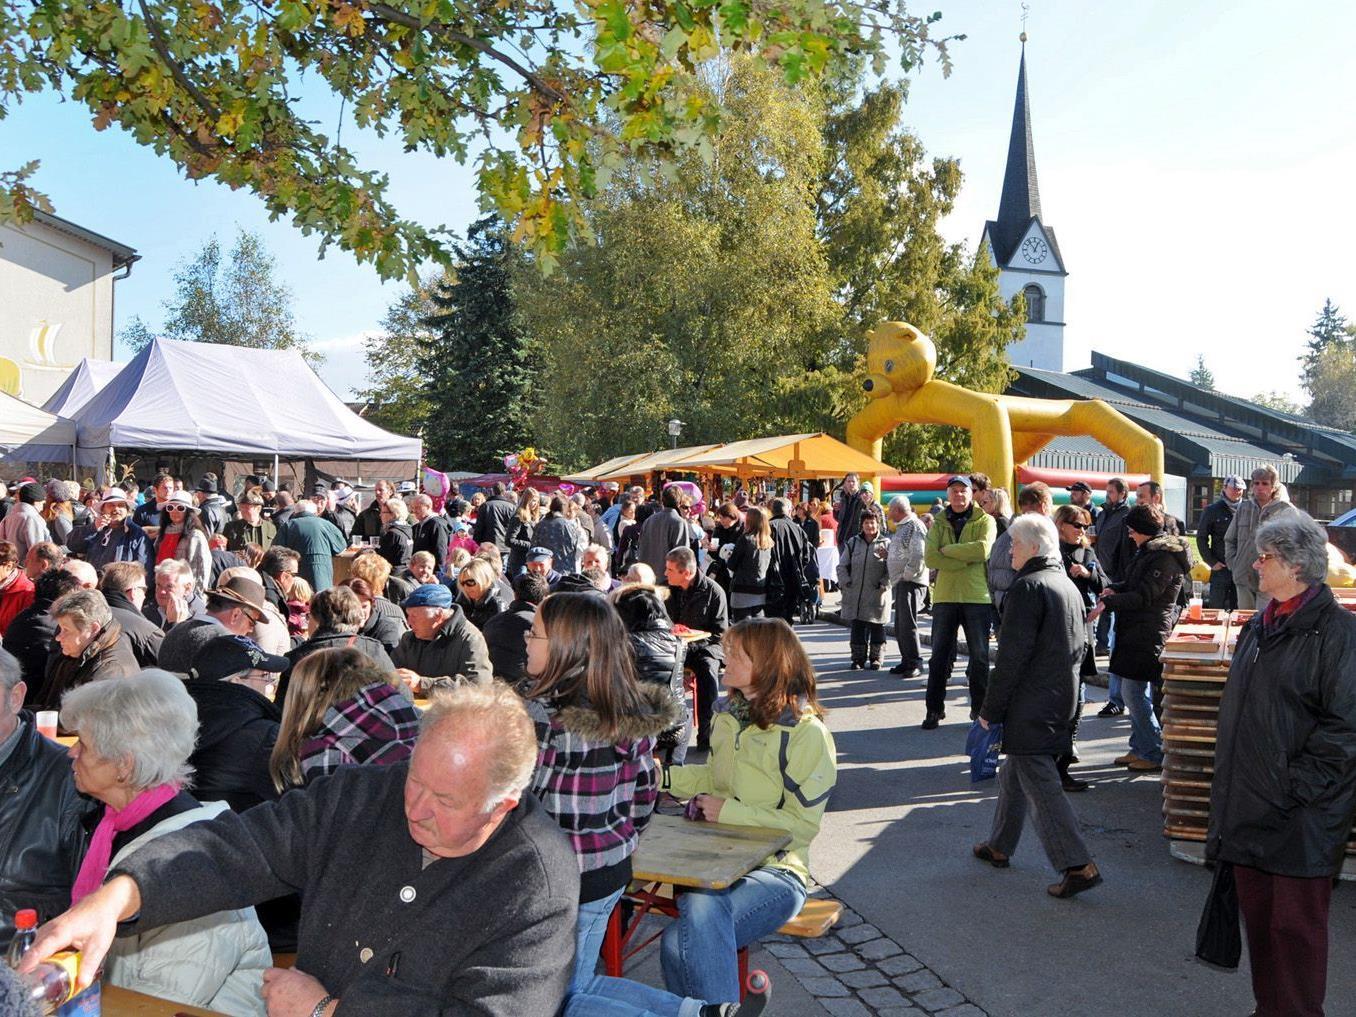 Fußach steht am Nationalfeiertag, dem 26. Oktober, ganz im Zeichen des Marktes.